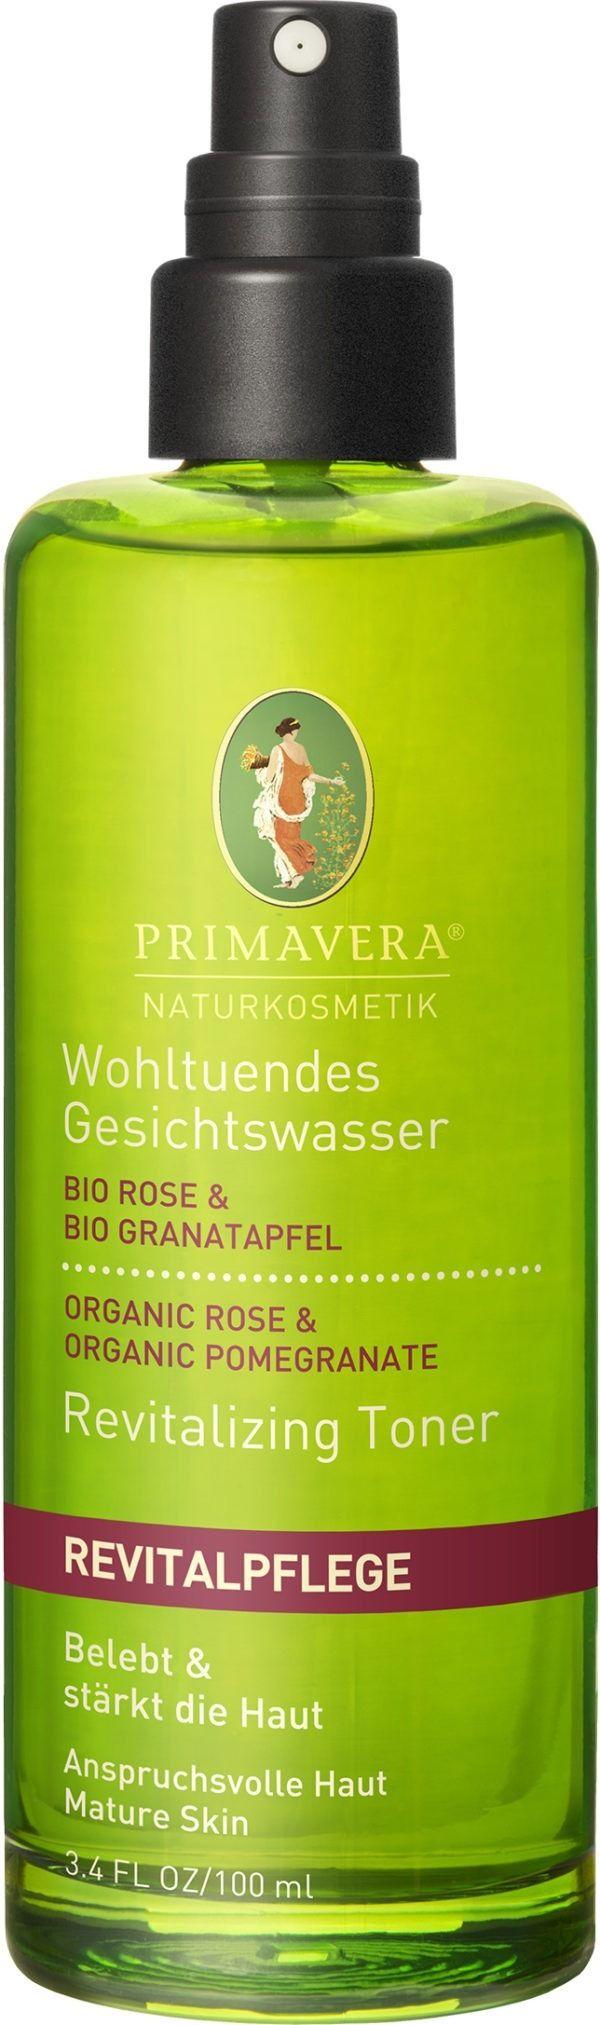 PRIMAVERA Wohltuendes Gesichtswasser Rose Granatapfel 100ml